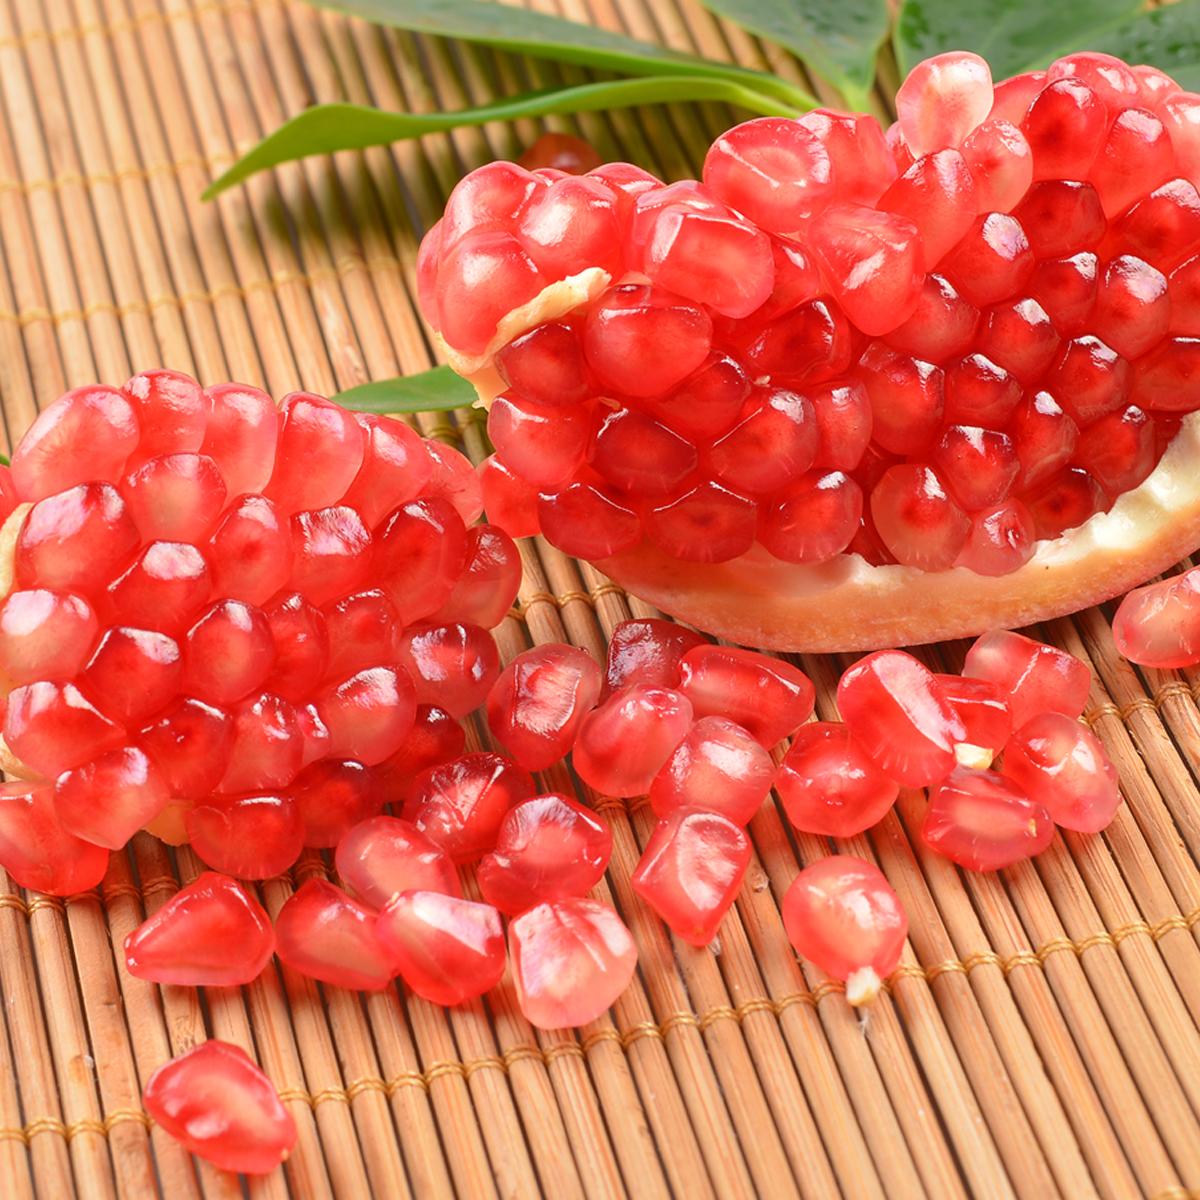 陕西临潼石榴新鲜现摘大红石榴农家时令水果特产5斤当季孕妇水果